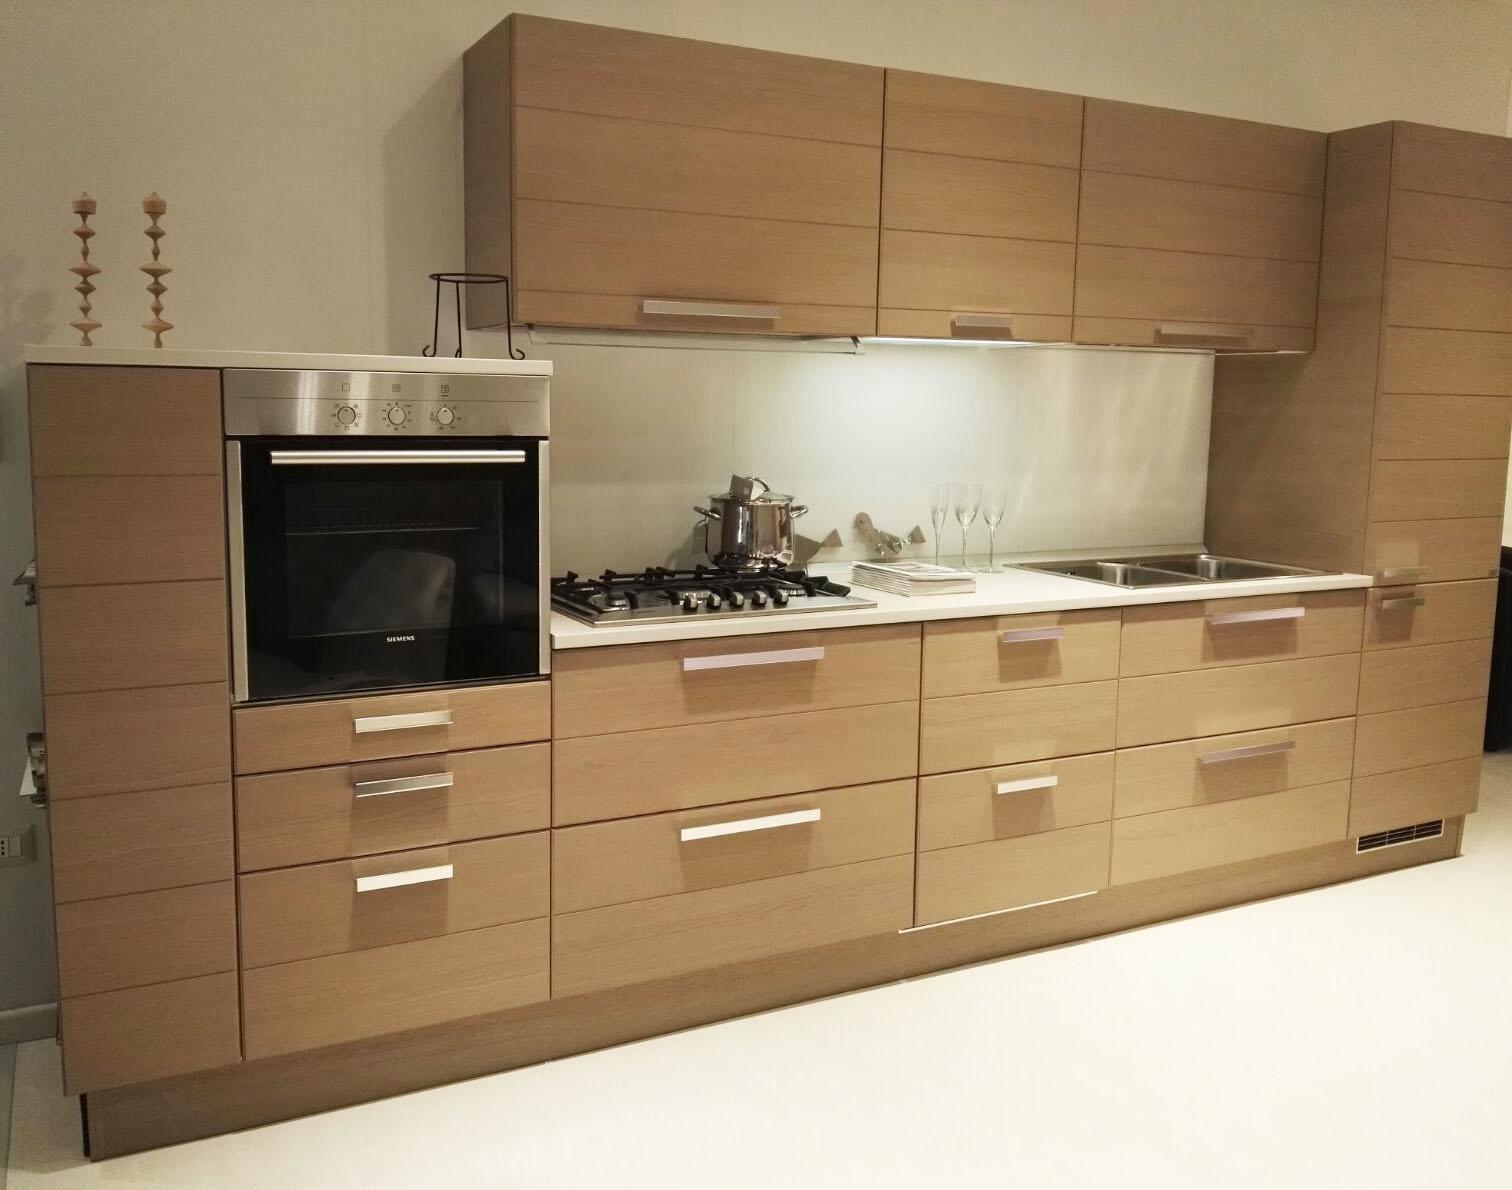 Cucina scavolini open moderna legno cucine a prezzi scontati - Cucina componibile prezzi ...